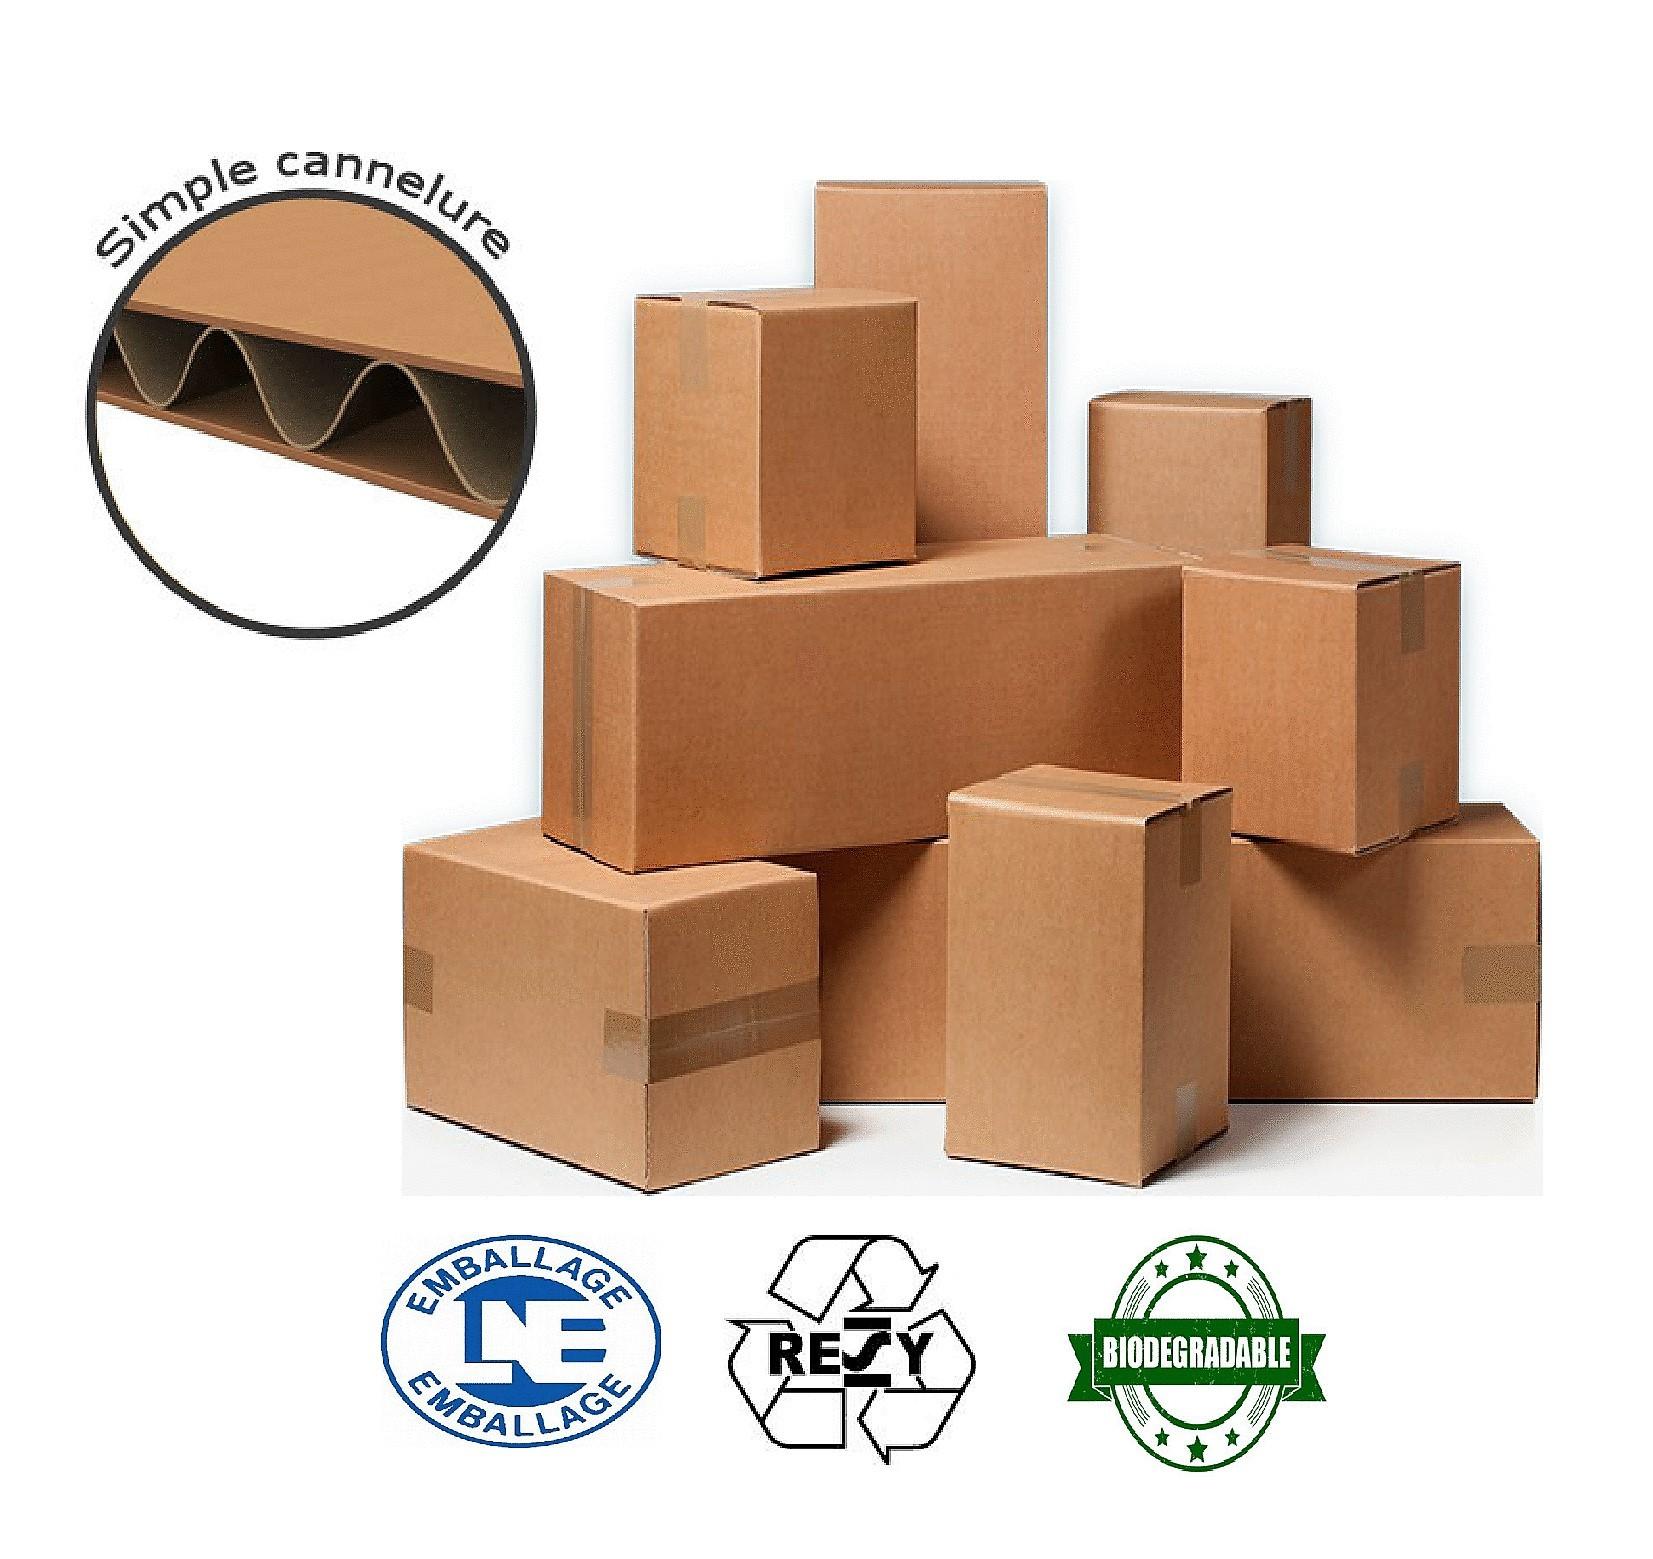 carton double cannelure pas cher great lot de caisses amricaines double cannelure longueur de. Black Bedroom Furniture Sets. Home Design Ideas